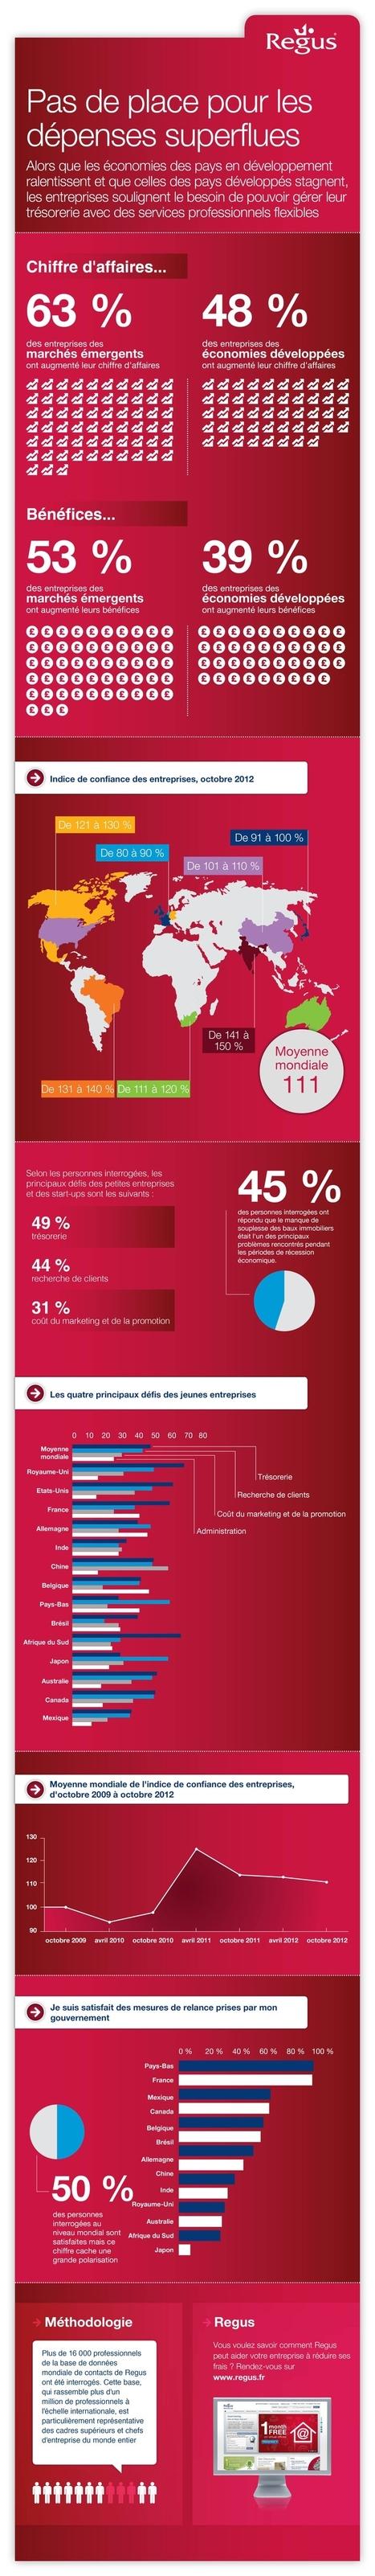 Malgré la crise, 50 % des entreprises continuent à faire des bénéfices   Le monde du travail   Scoop.it